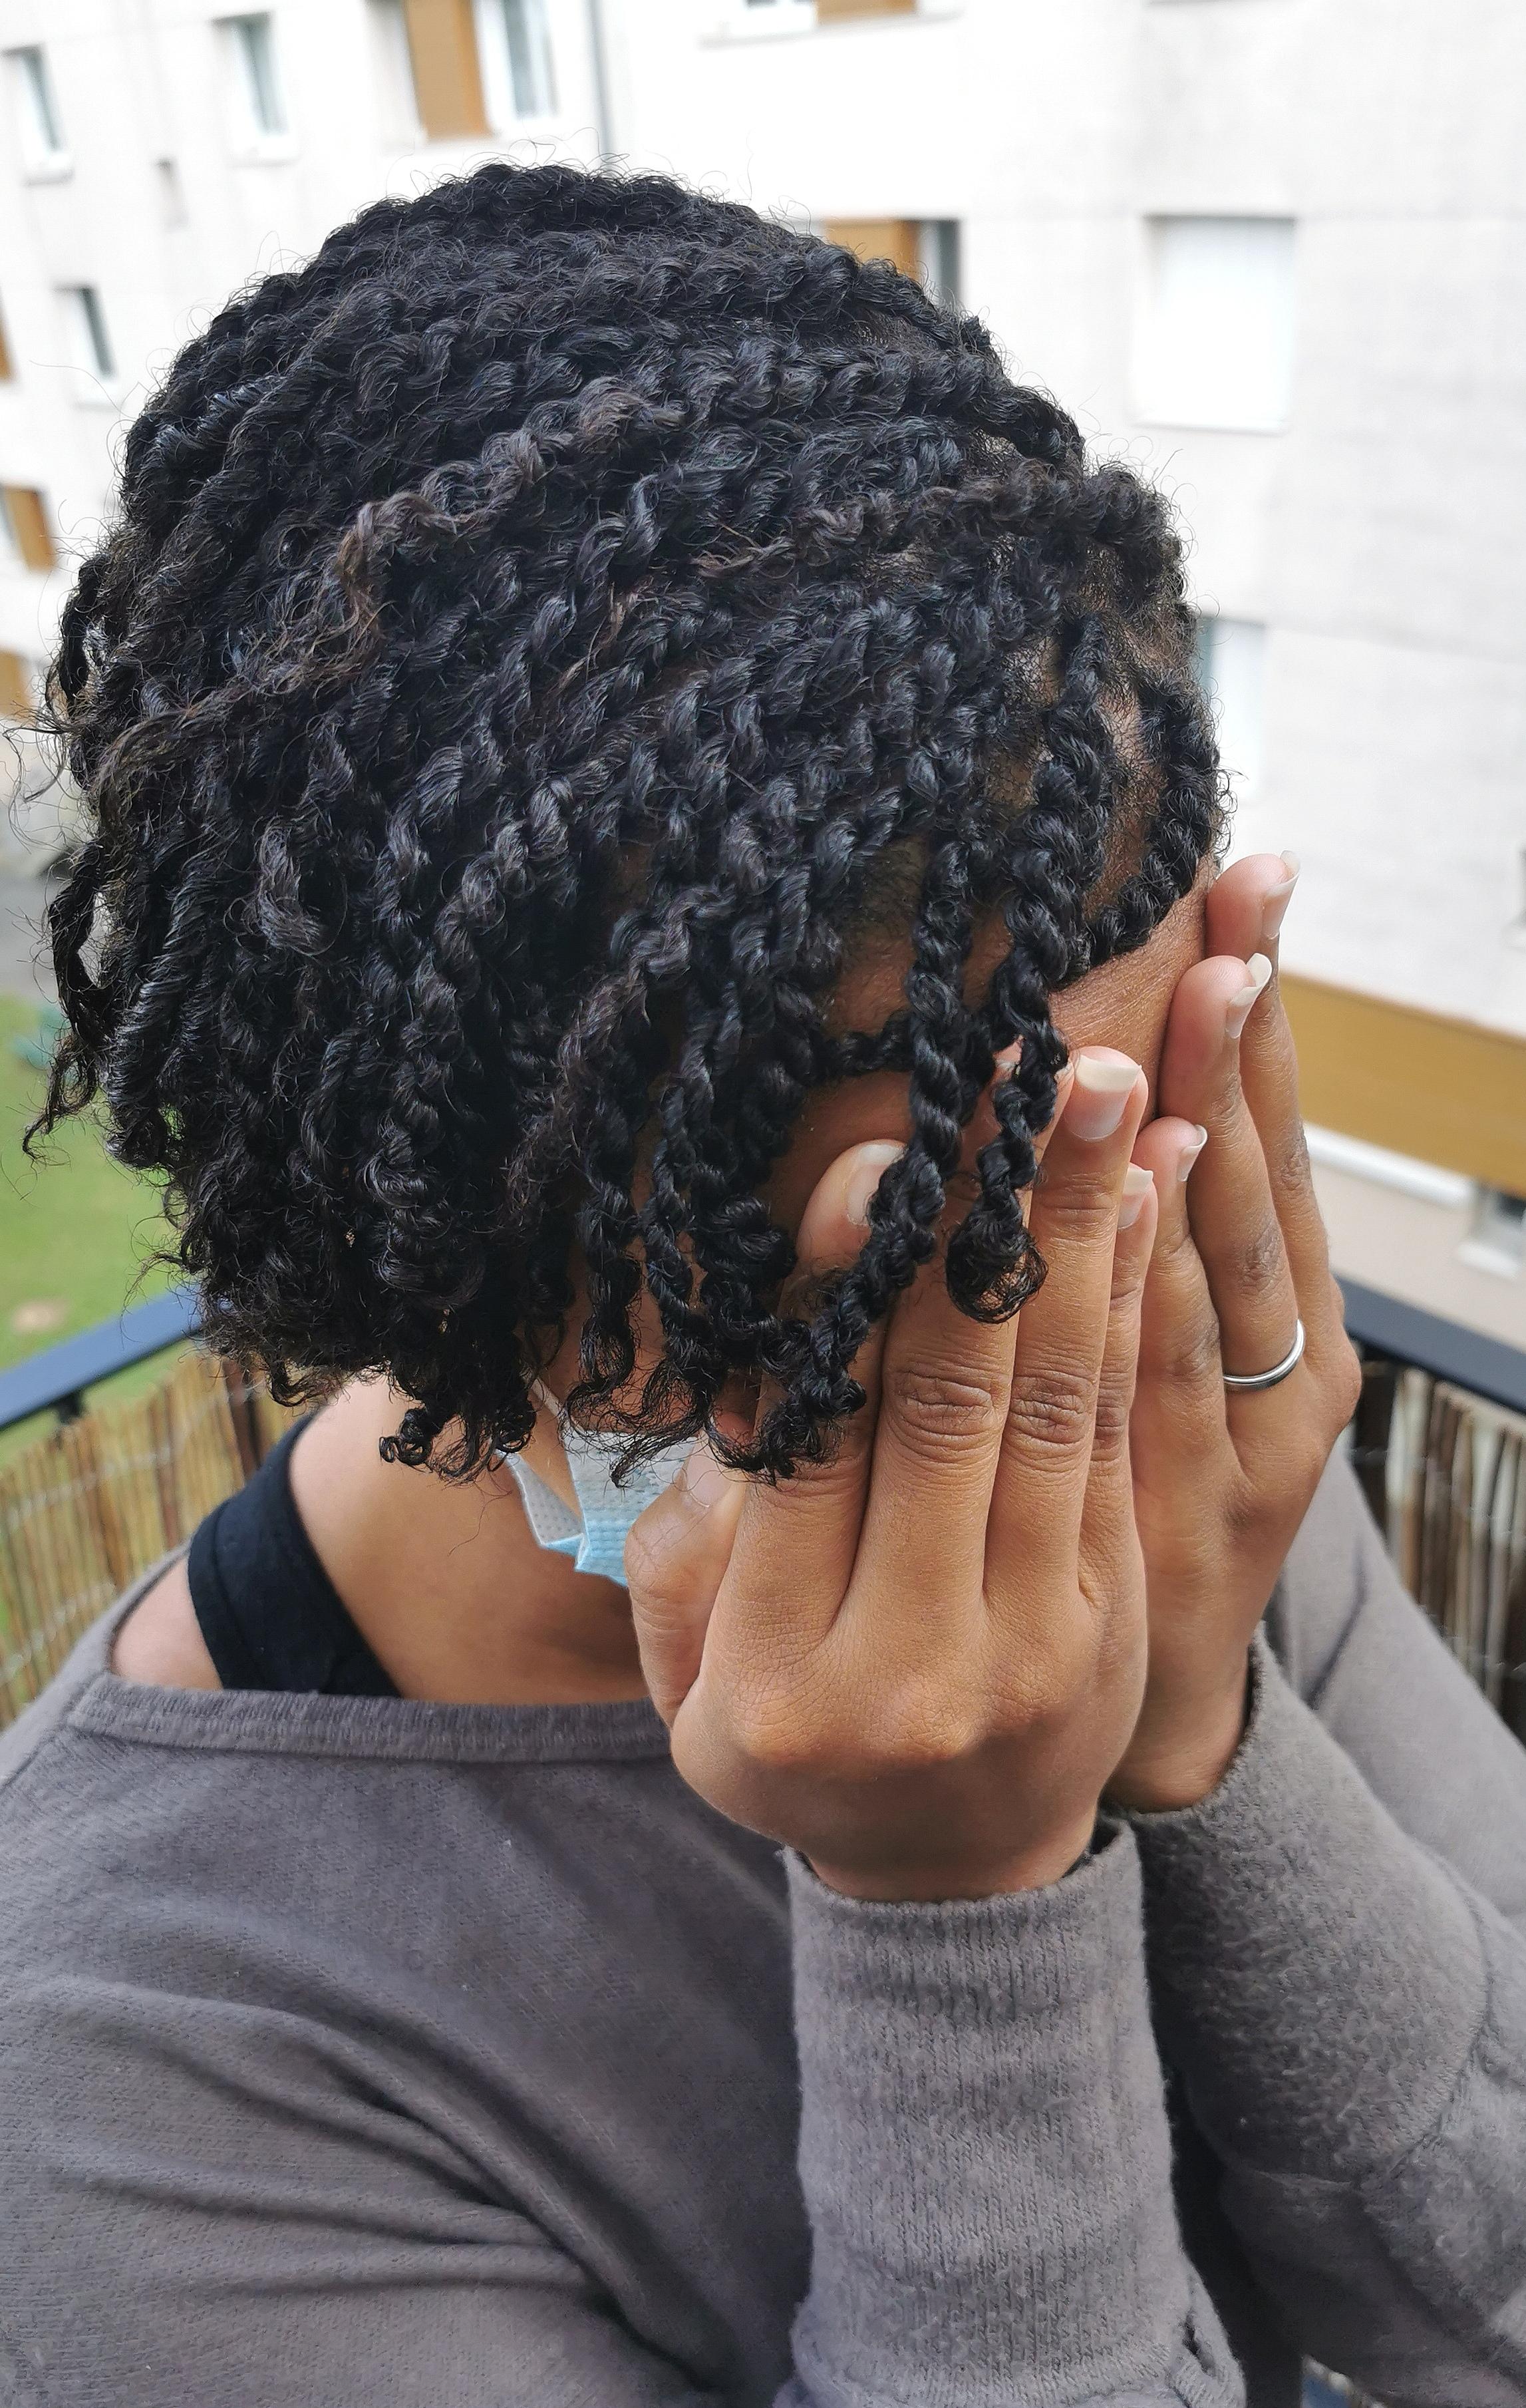 salon de coiffure afro tresse tresses box braids crochet braids vanilles tissages paris 75 77 78 91 92 93 94 95 SHCINWWW